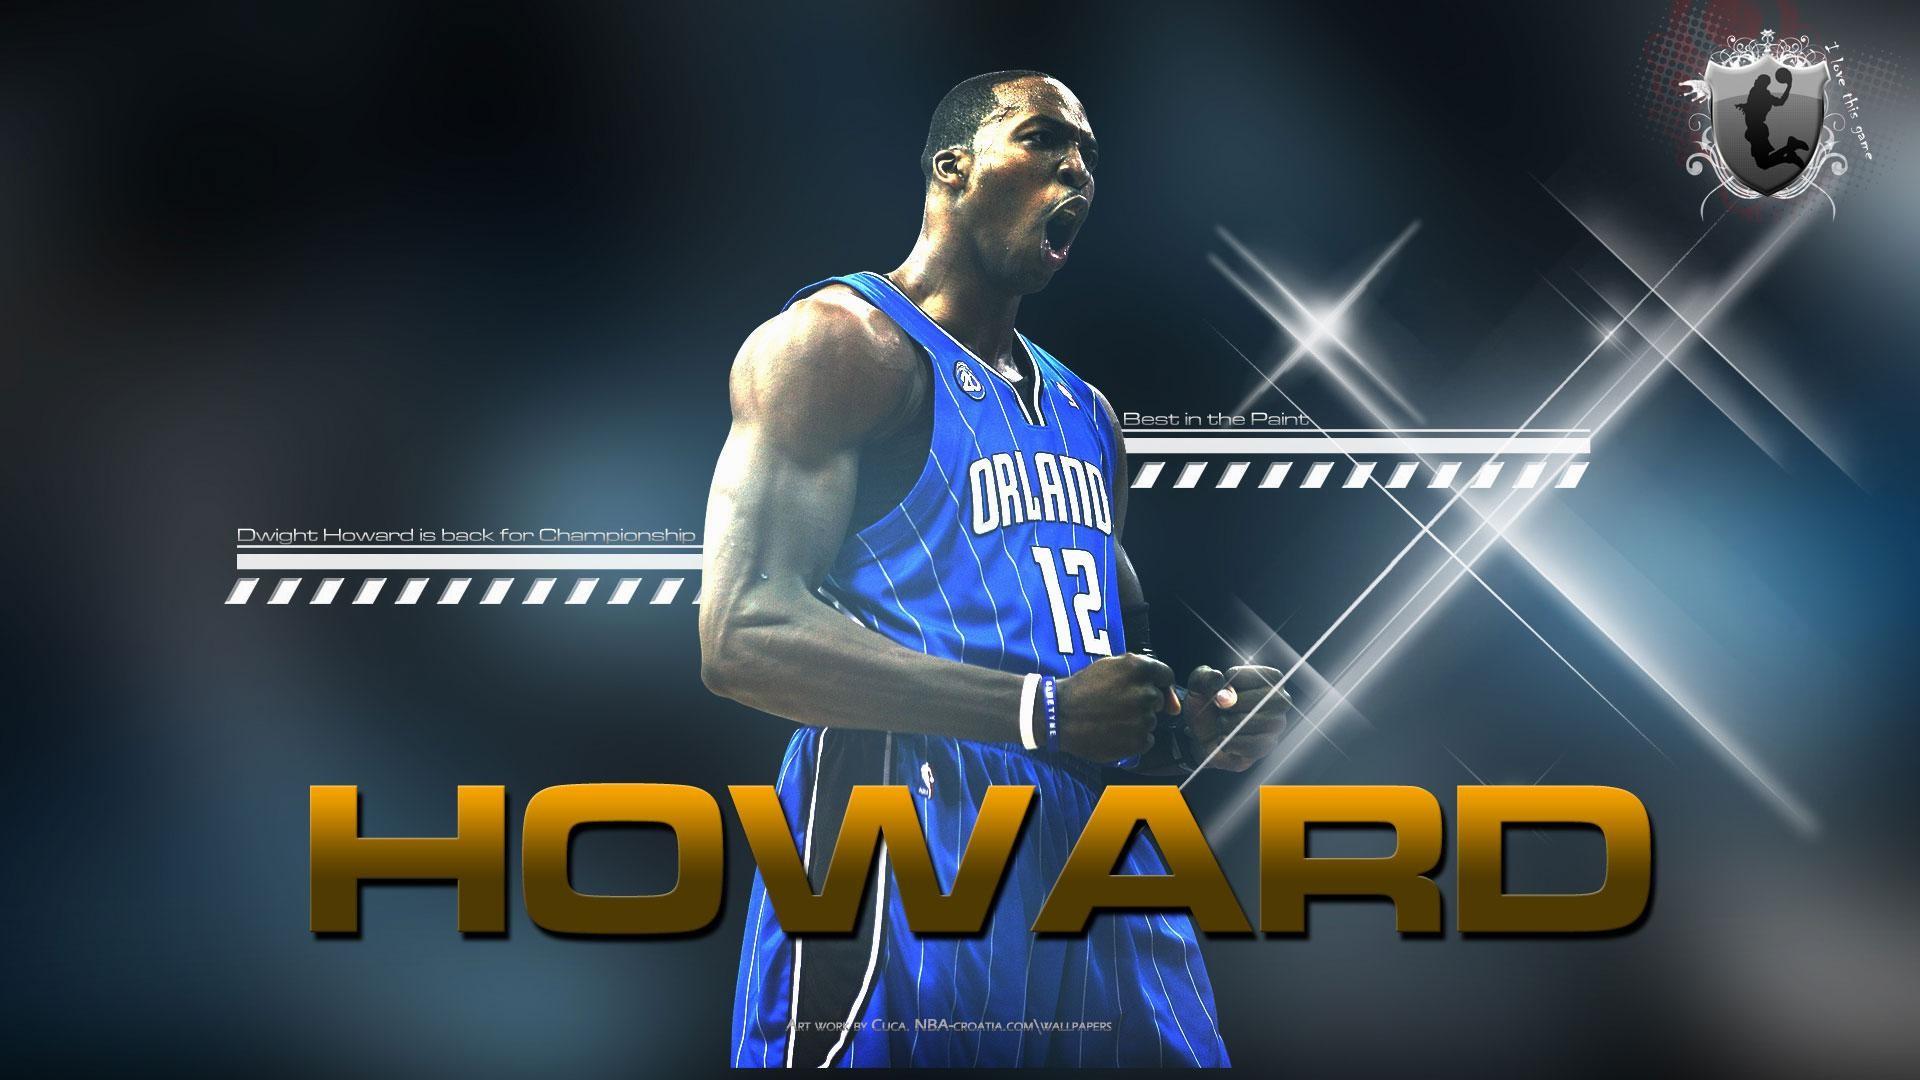 Dwight Howard HD Wallpapers 7